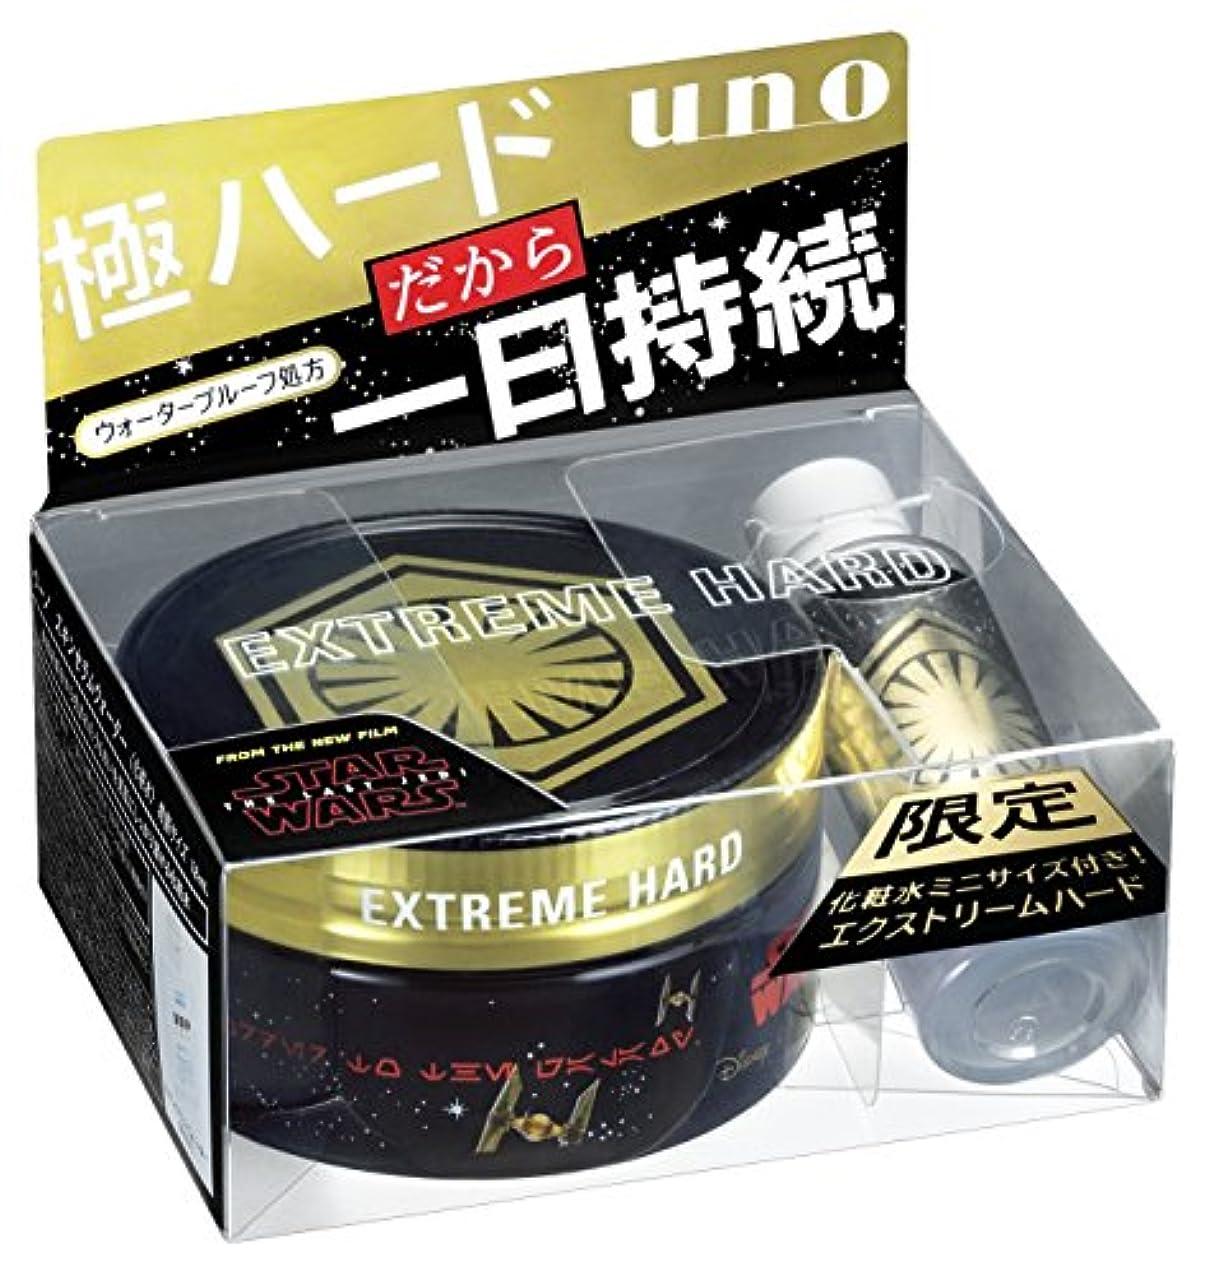 復活サービス雪uno(ウーノ) ウーノ エクストリームハード ワックス 80g スキンセラムウォーターミニボトル付(スターウォーズEp8)